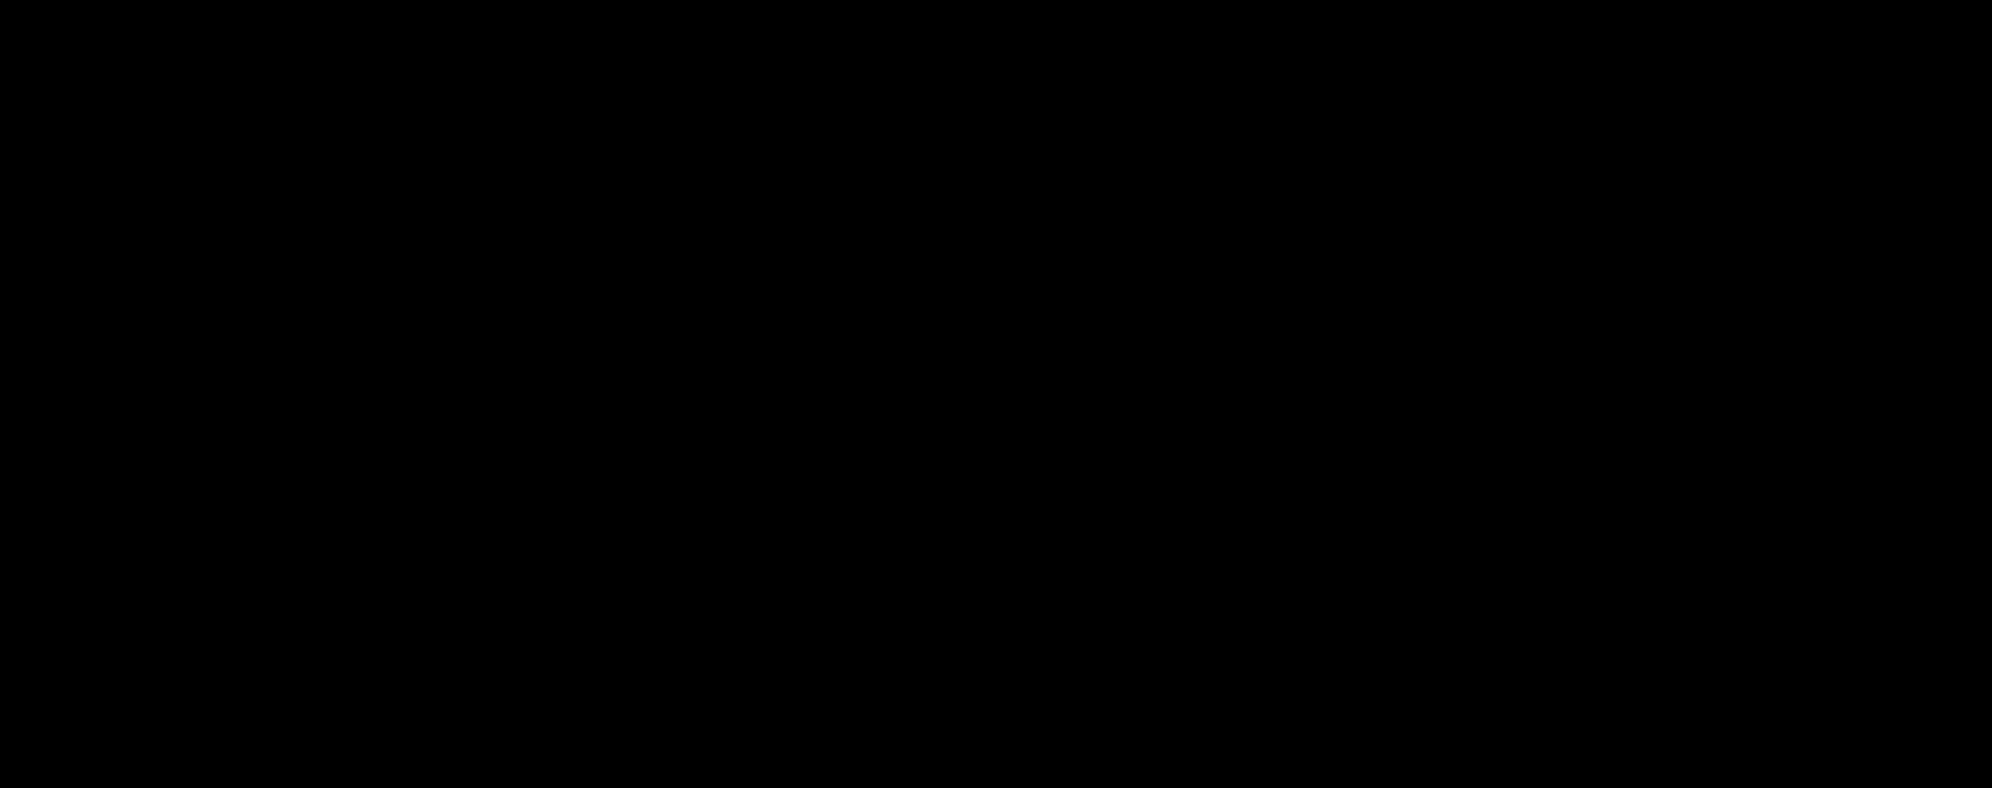 N-Acetyl-d<sub>3</sub>-serotonin β-D-glucuronide